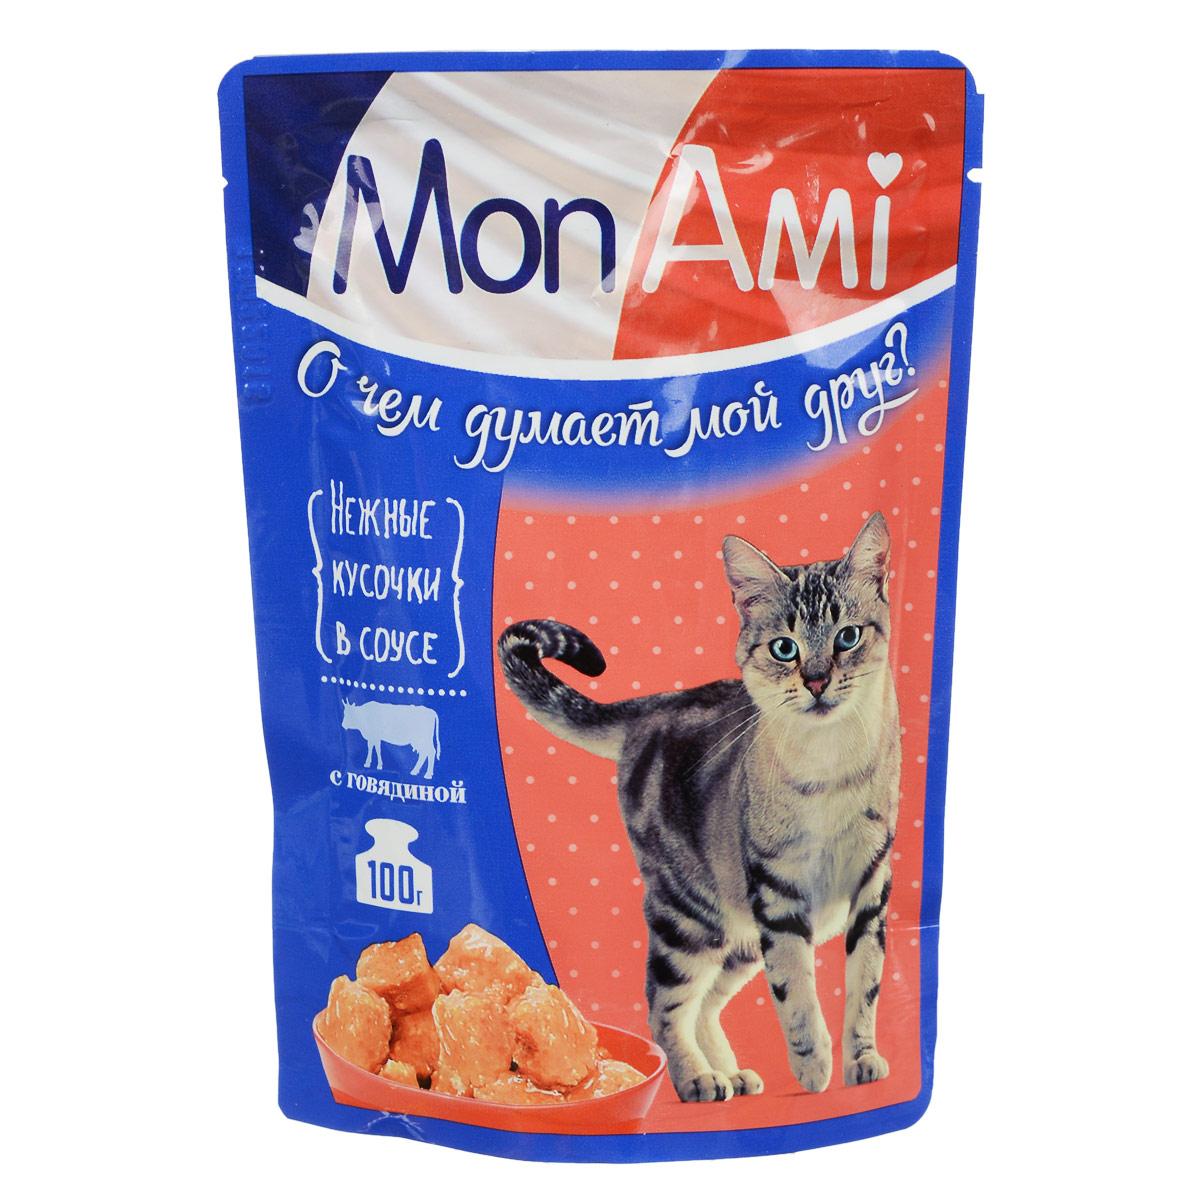 Корм консервированный для кошек Mon Ami, с говядиной, 100 г59245Консервированный корм Mon Ami - это самое любимое лакомство вашей кошки, которое содержит оптимальный набор полезных витаминов, минералов и микроэлементов, позволяющие сохранять безупречный внешний вид животного. После вкусного завтрака с аппетитными и нежными кусочками в соусе со вкусом говядины благодарность вашего питомца не заставит себя ждать. Состав: мясо и продукты животного происхождения, растительные компоненты, масло подсолнечное, минеральные добавки, загустители, витамины (в том числе таурин). Содержание питательных веществ: протеин 8%, жир 5%, влага 82%, зола 2,5 %, клетчатка 0,5%, витамин Е 1 мг/100 г. Энергетическая ценность: 75 ккал/100 г . Вес: 100 г. Товар сертифицирован.